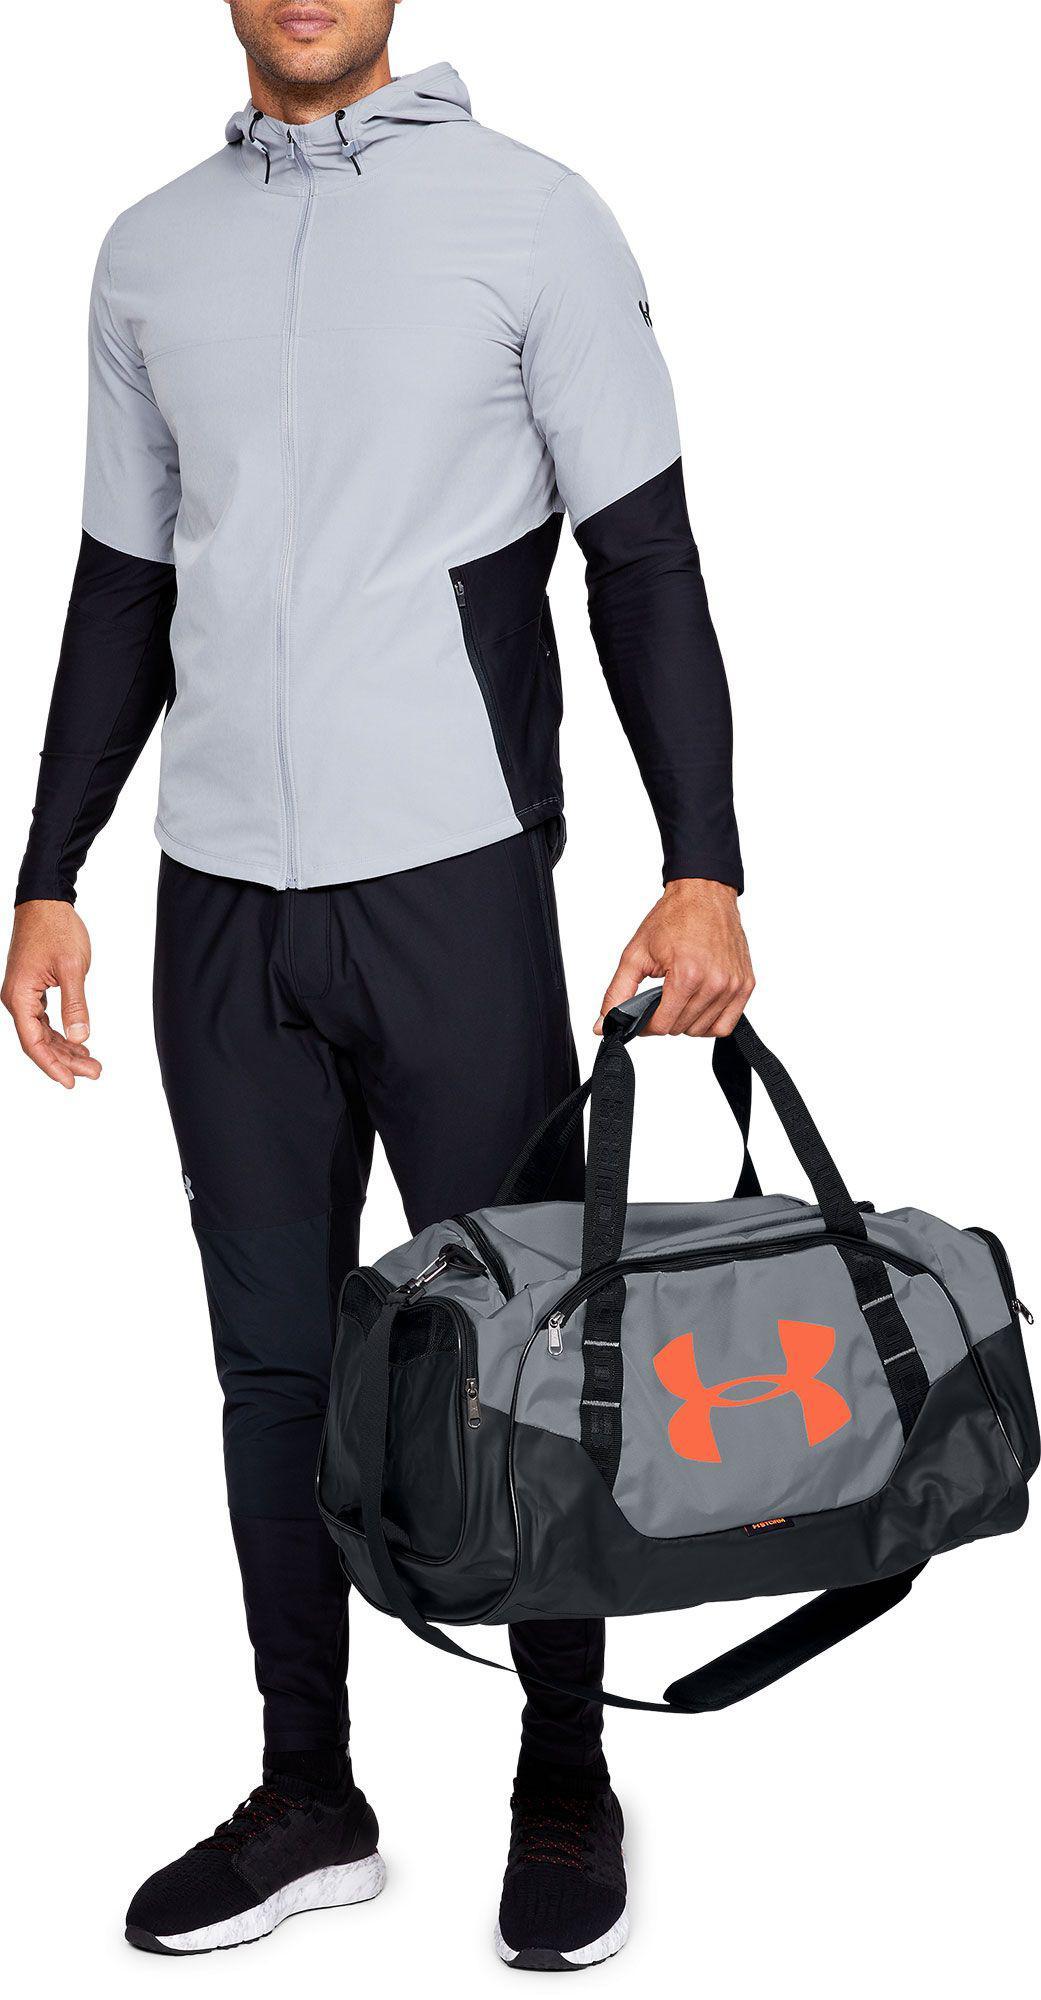 separation shoes 14d82 fb352 Under Armour - Multicolor Undeniable 3.0 Medium Duffle Bag for Men - Lyst